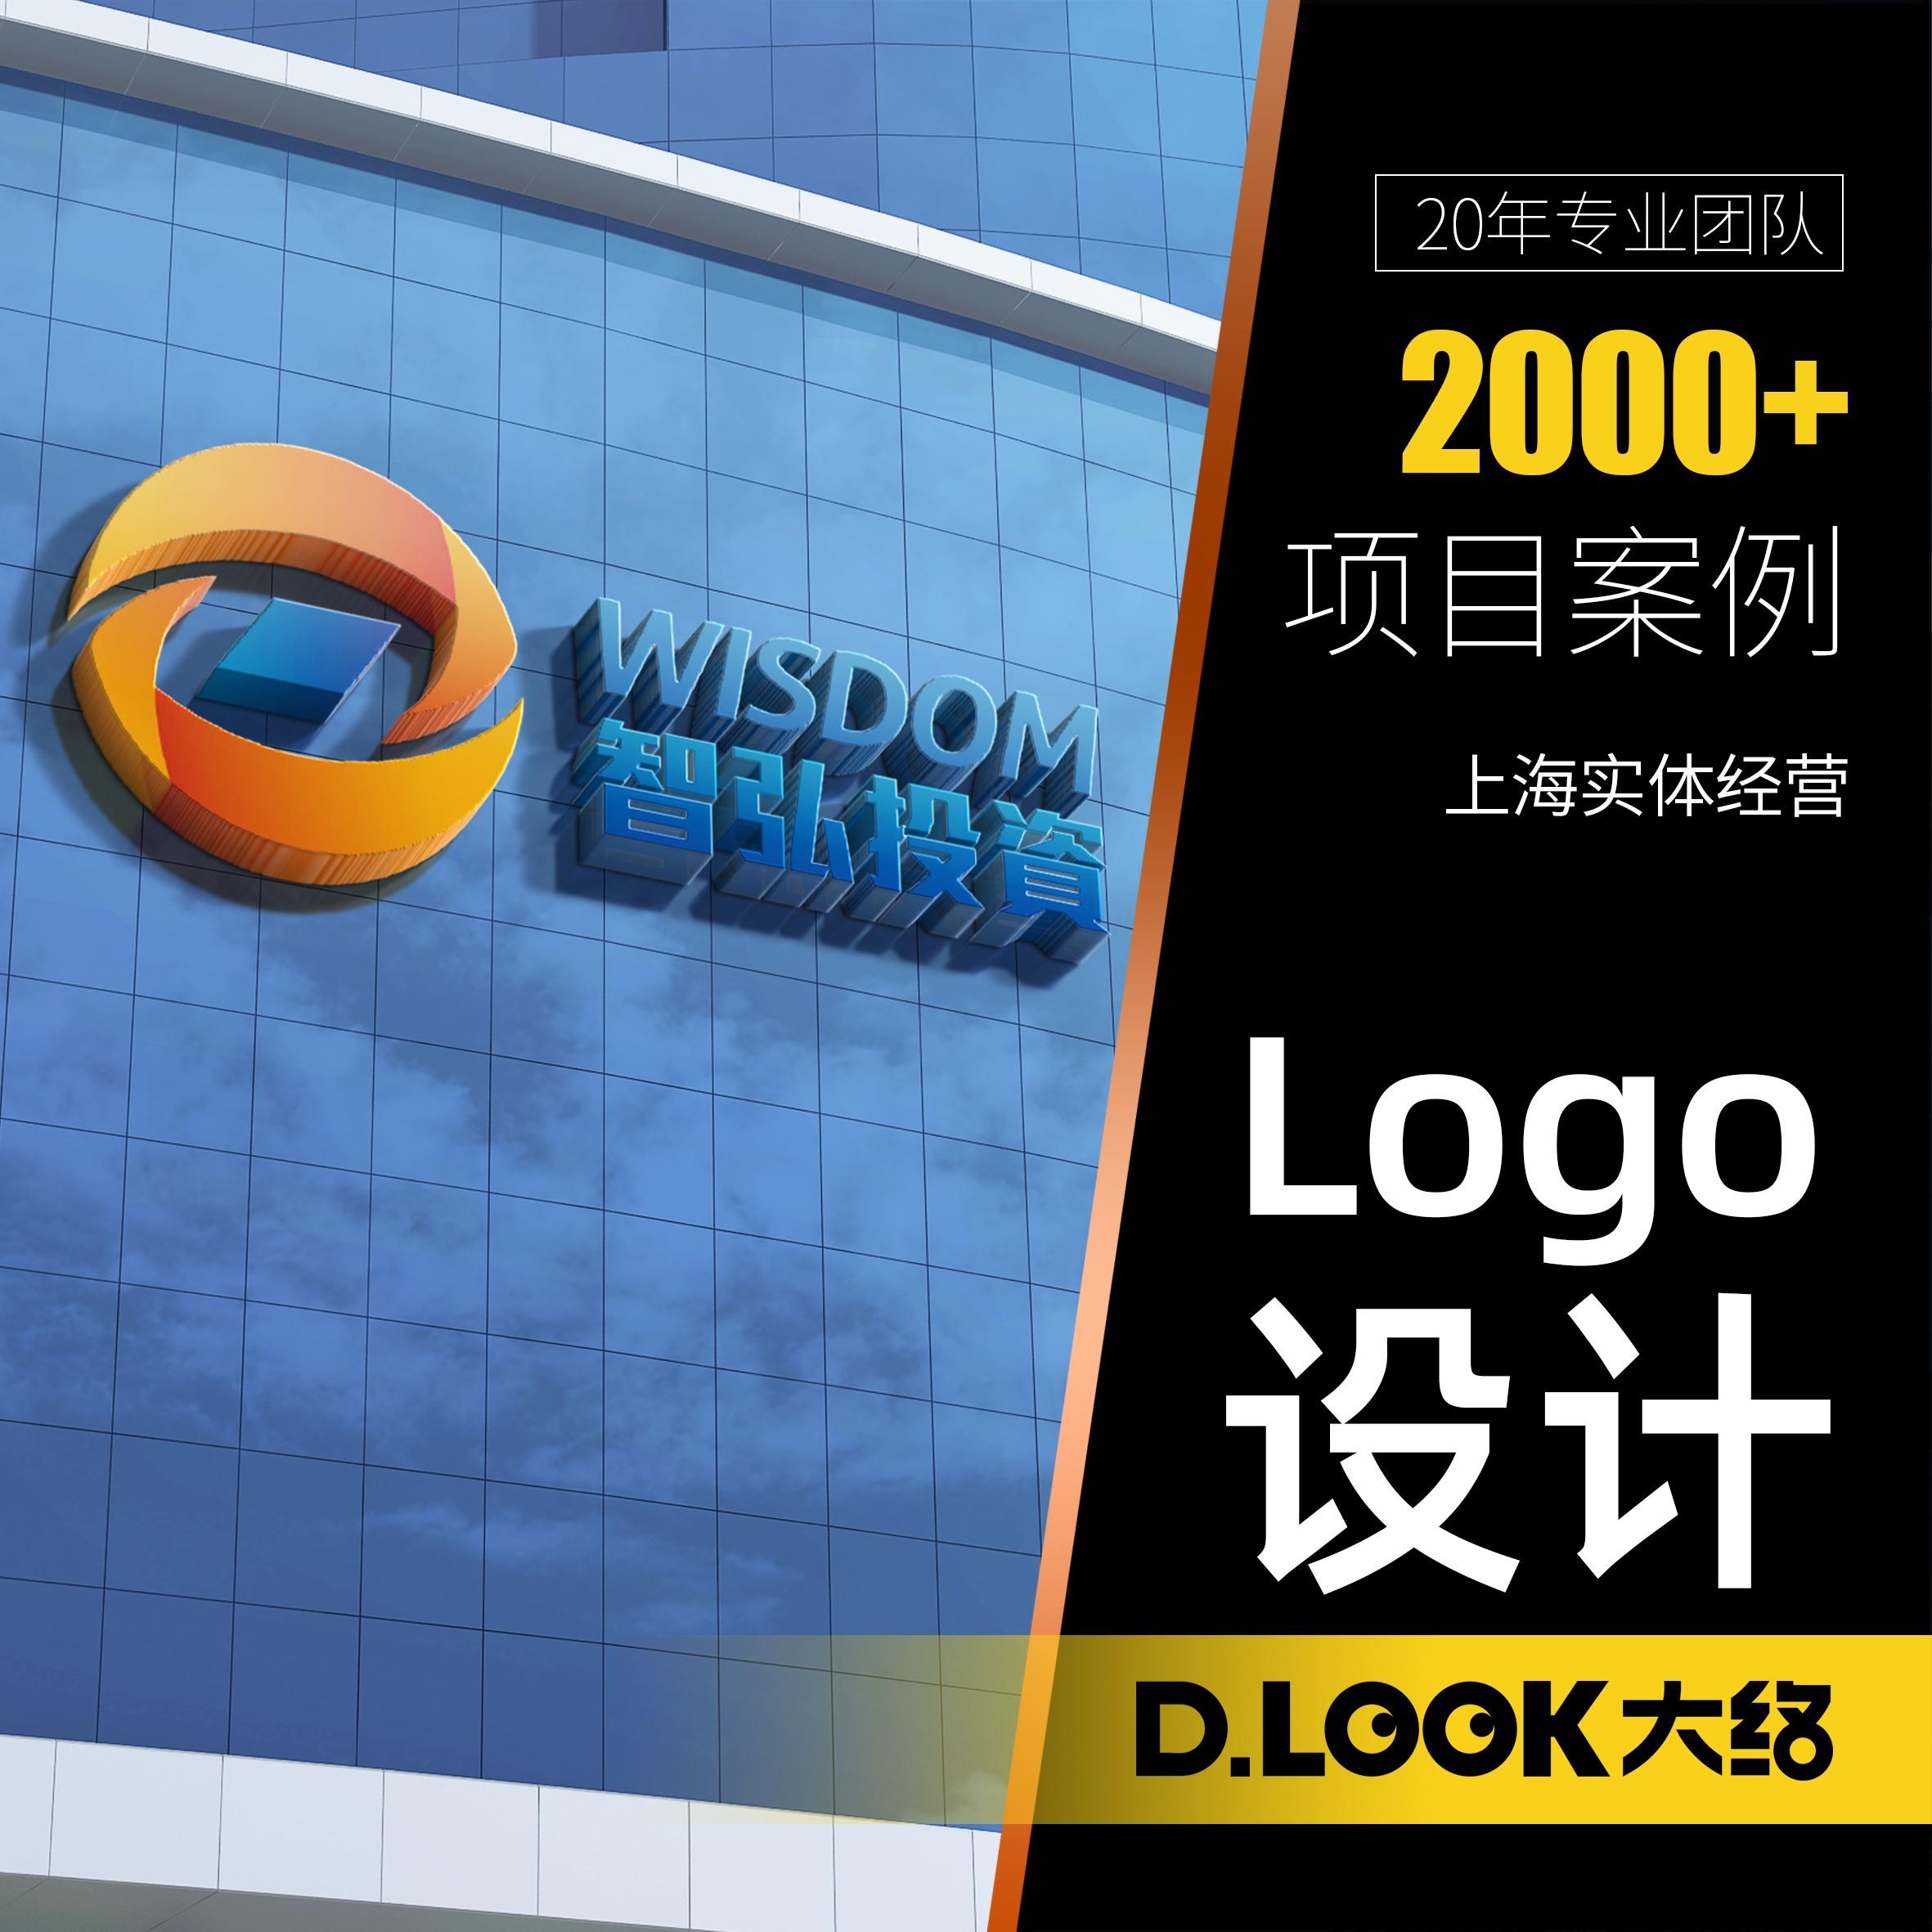 【牛年特惠】上海实体经营—企业logo品牌设计